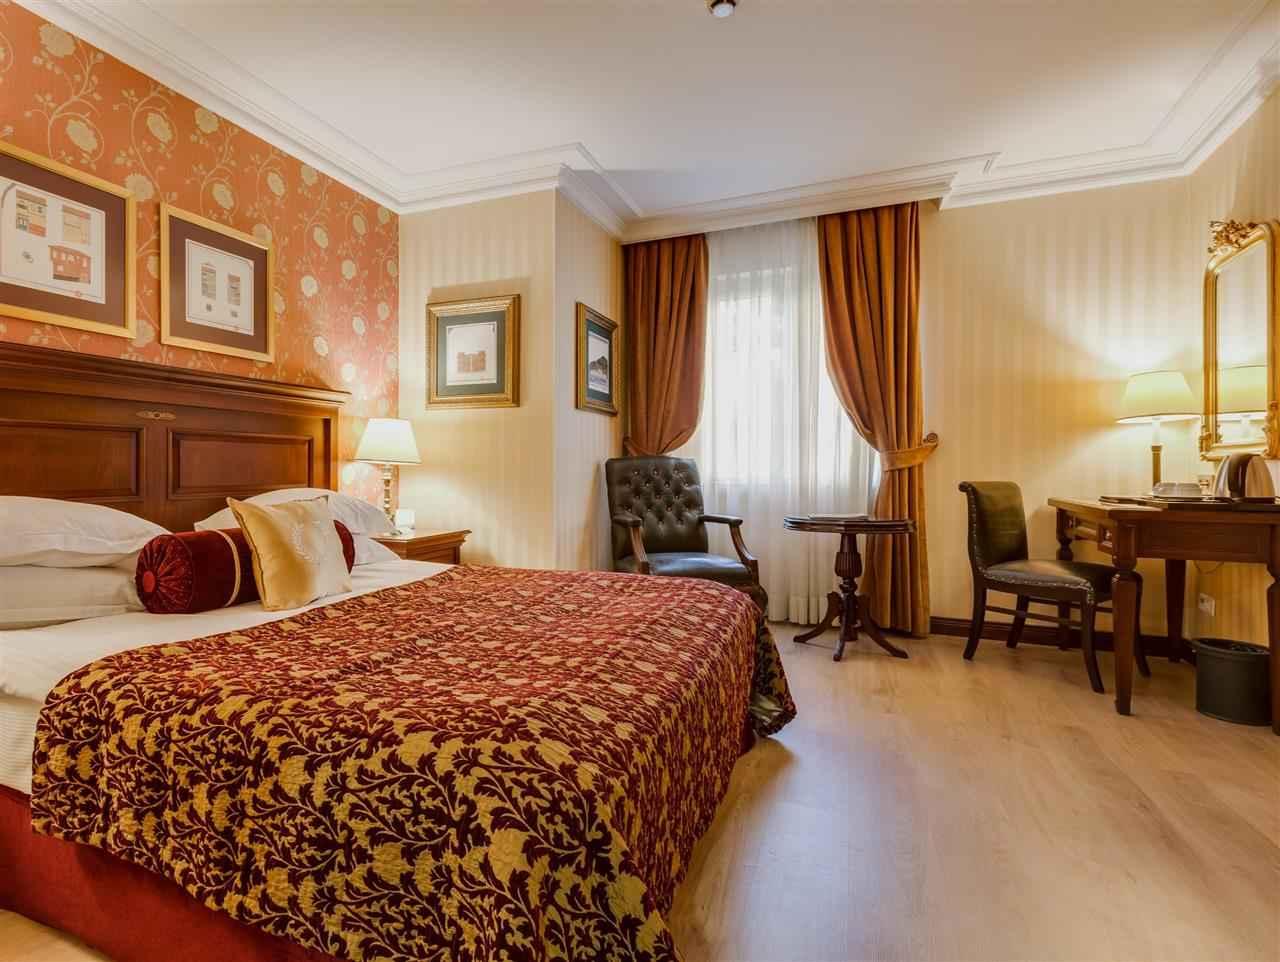 هتل گردین آنکارا